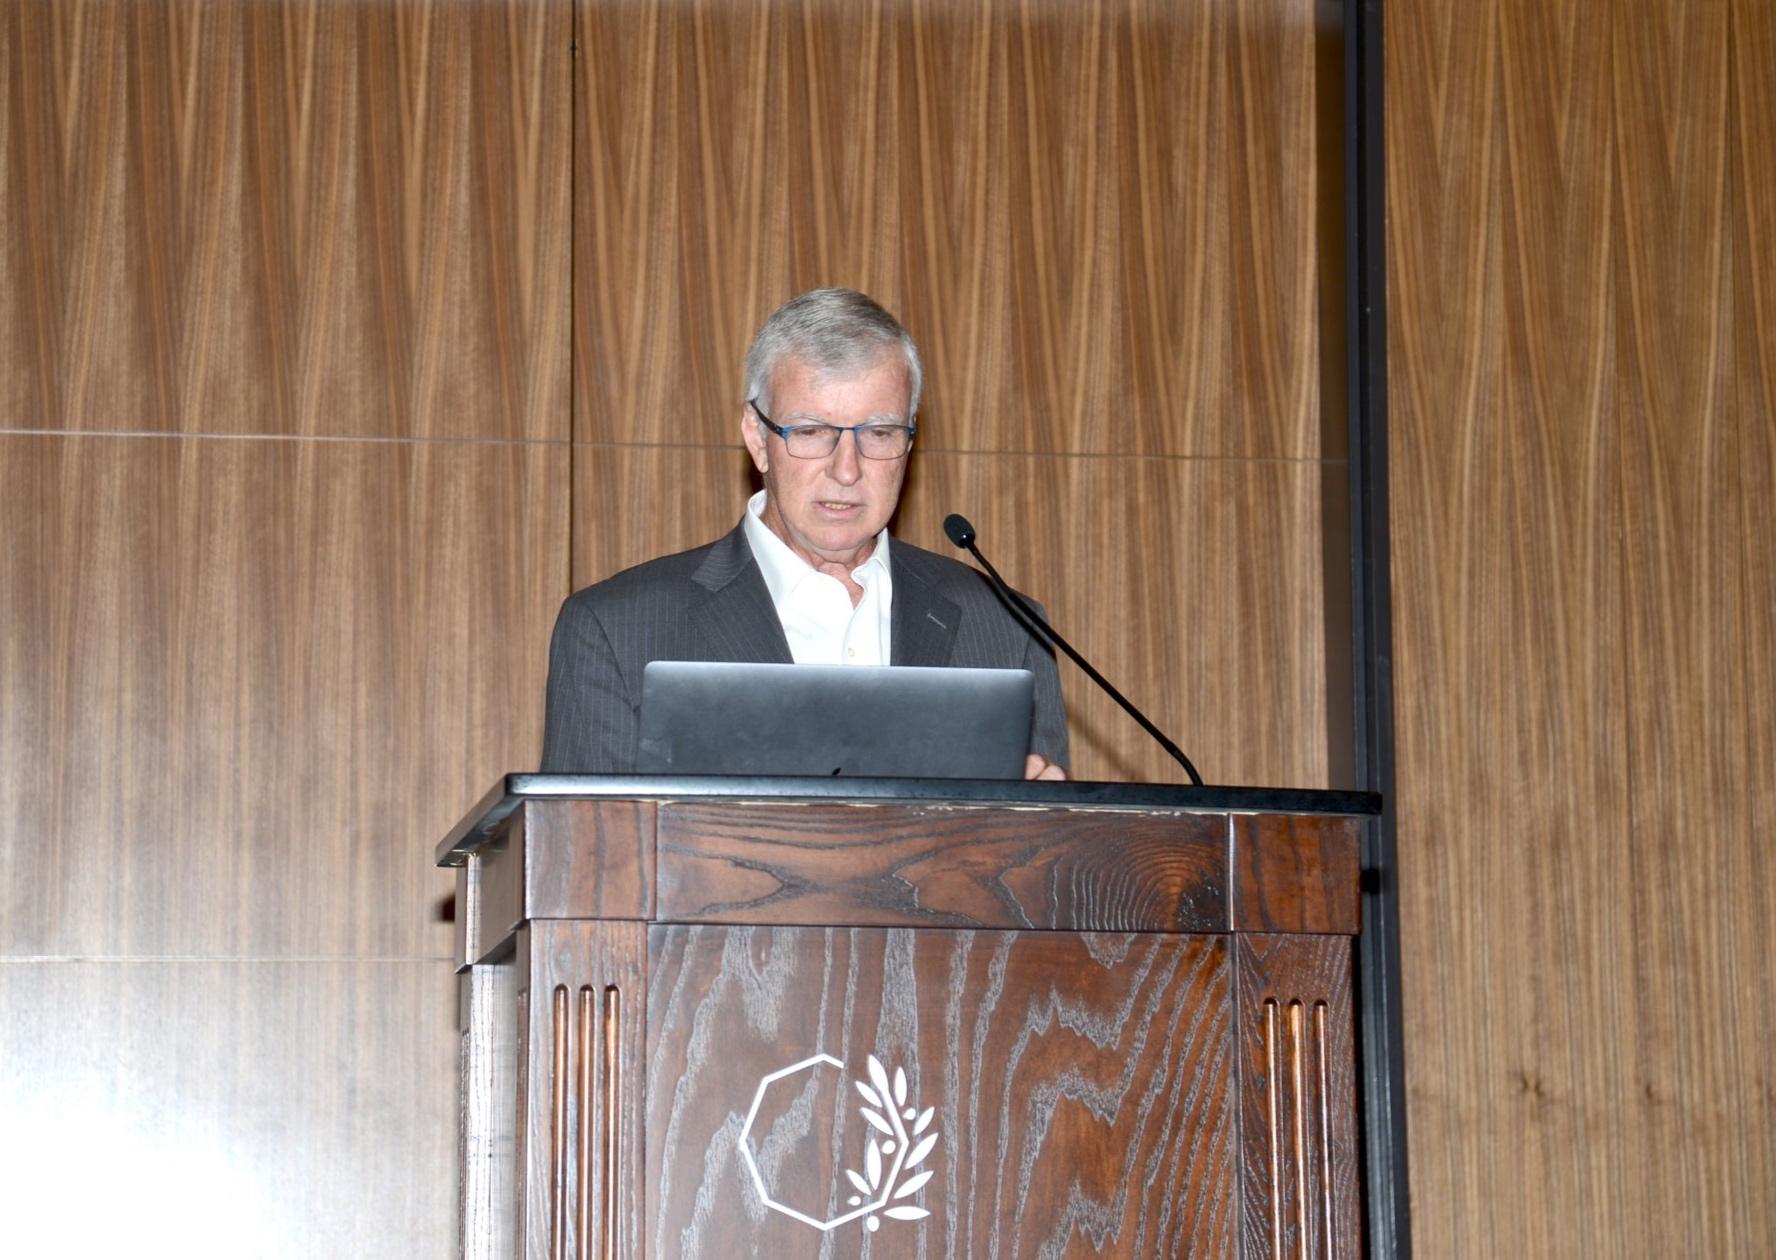 Peter Catona